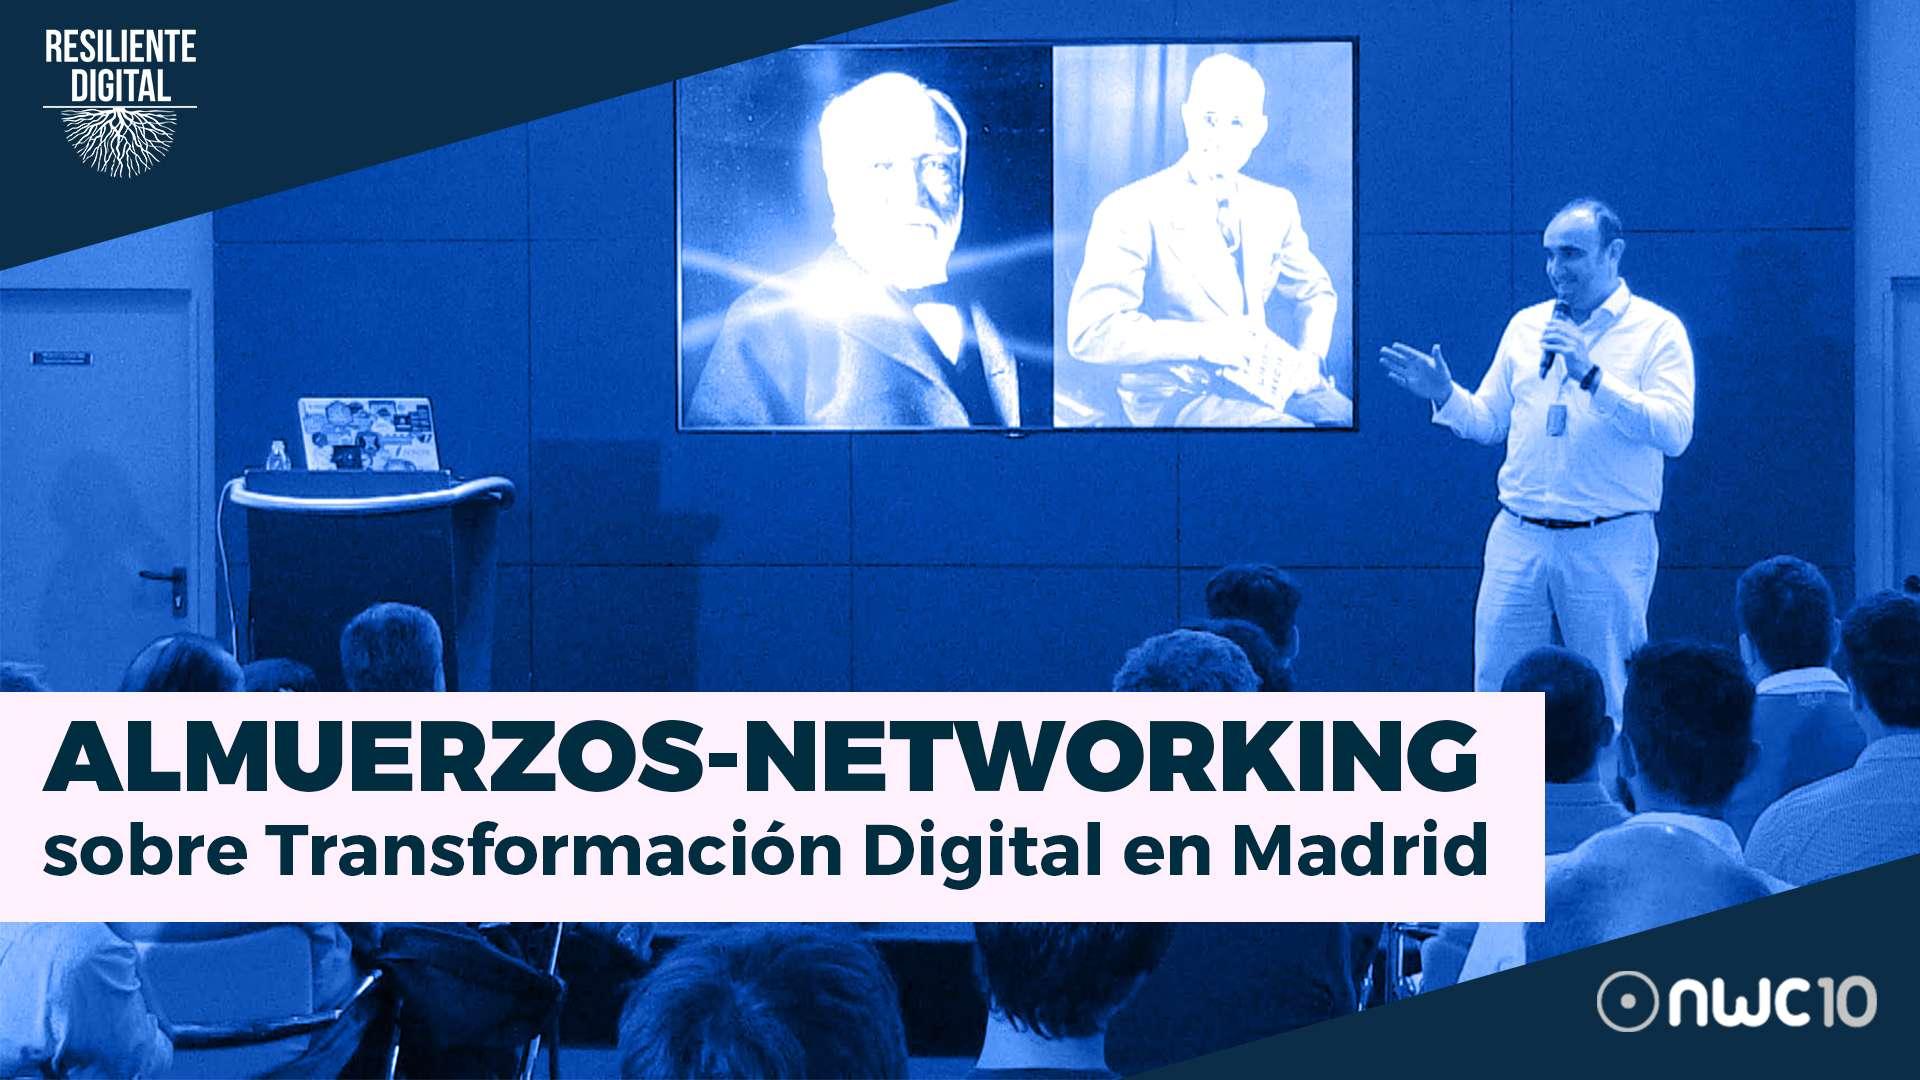 Presentación sobre los Almuerzos – Networking de Transformación Digital en Madrid